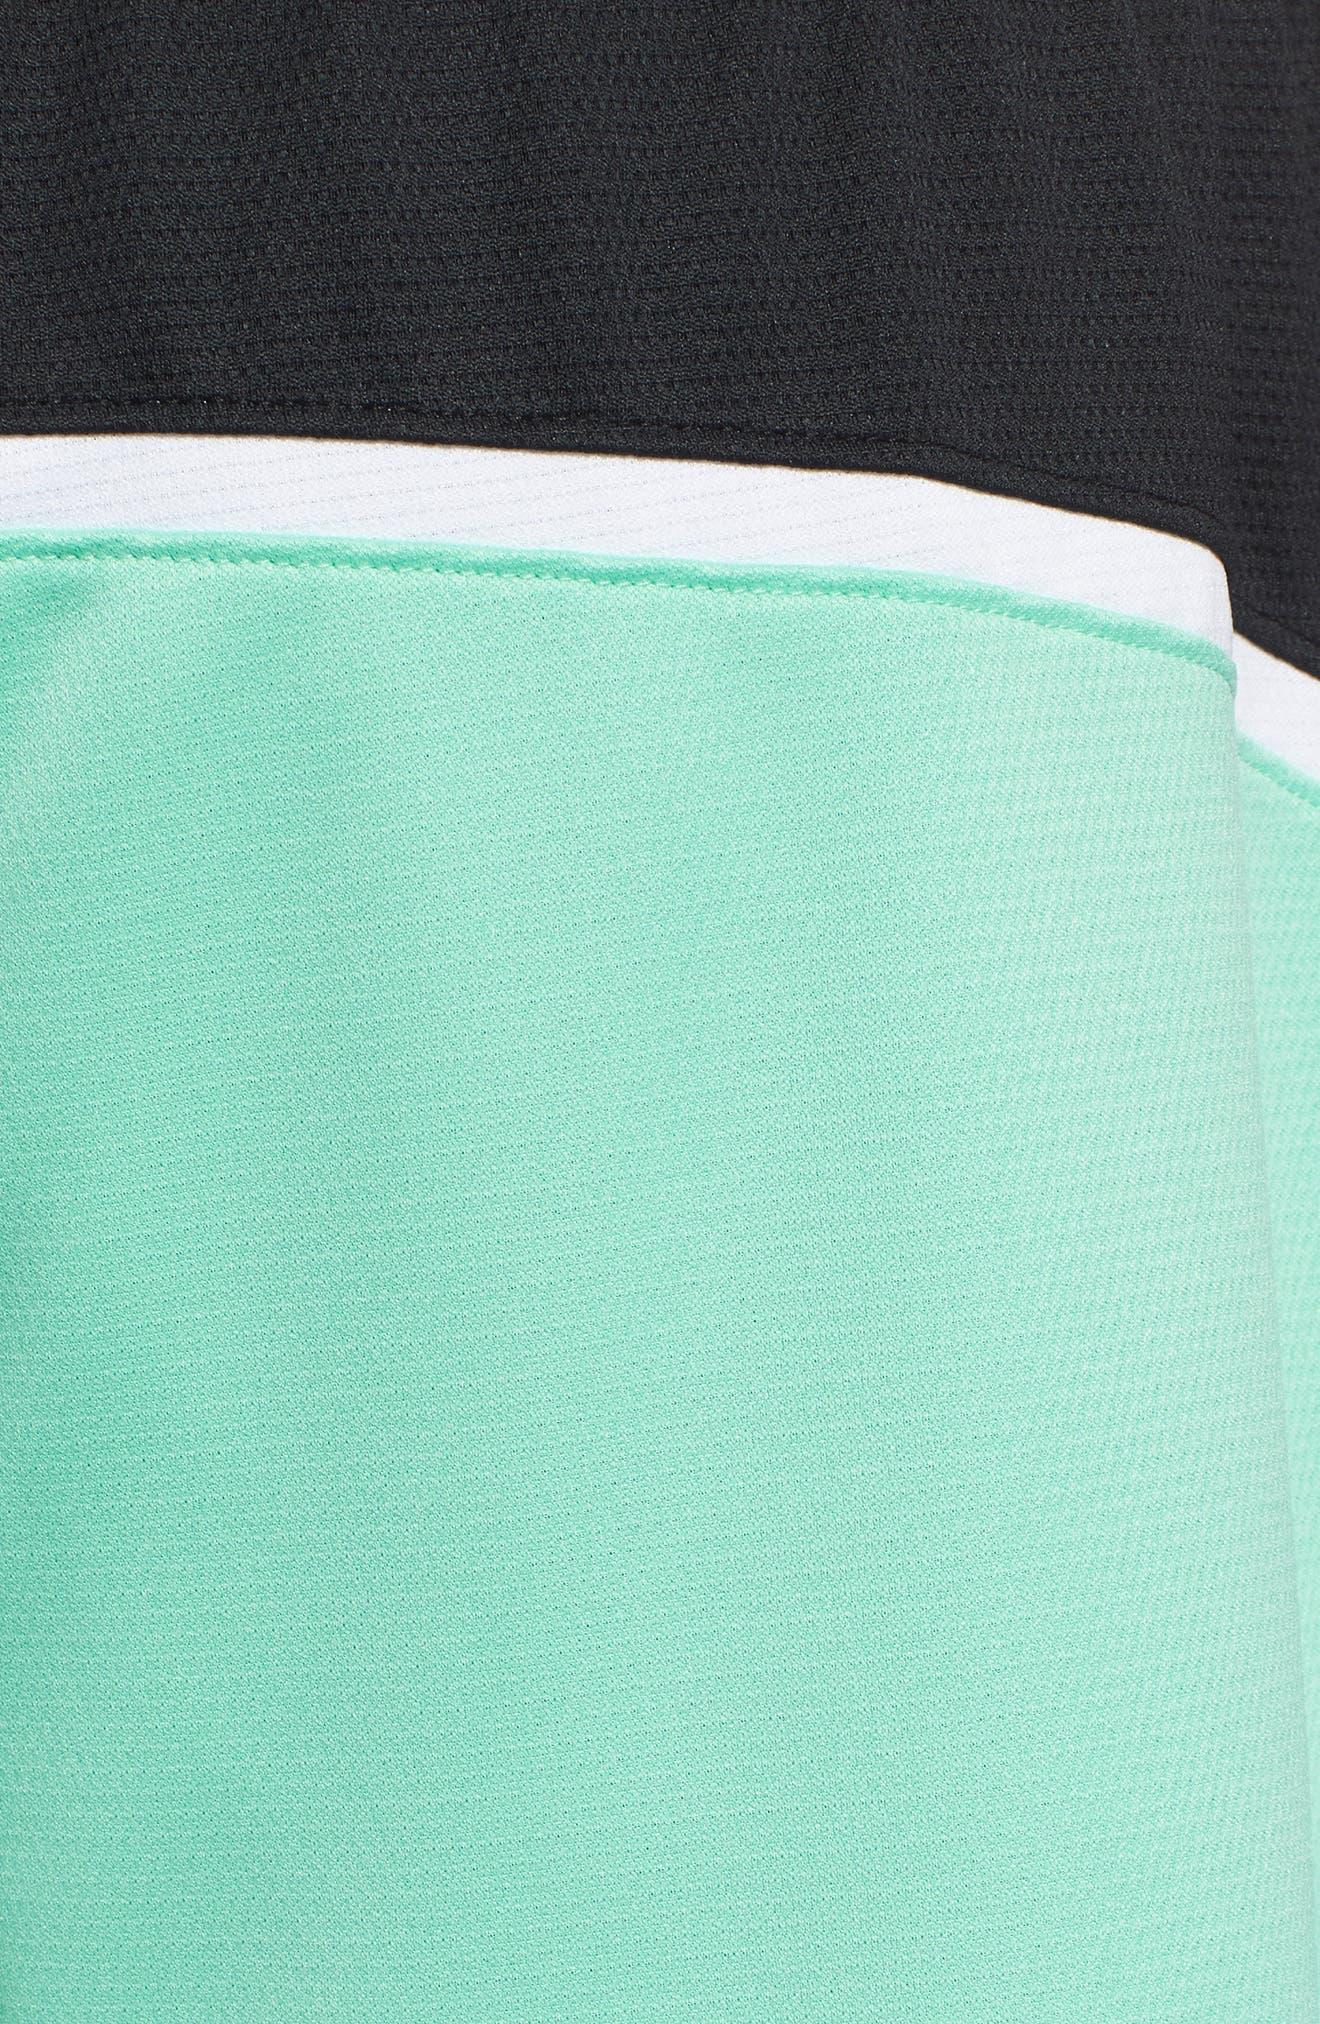 Jordan Dry Flight Shorts,                             Alternate thumbnail 5, color,                             EMERALD RISE/ BLACK/ WHITE